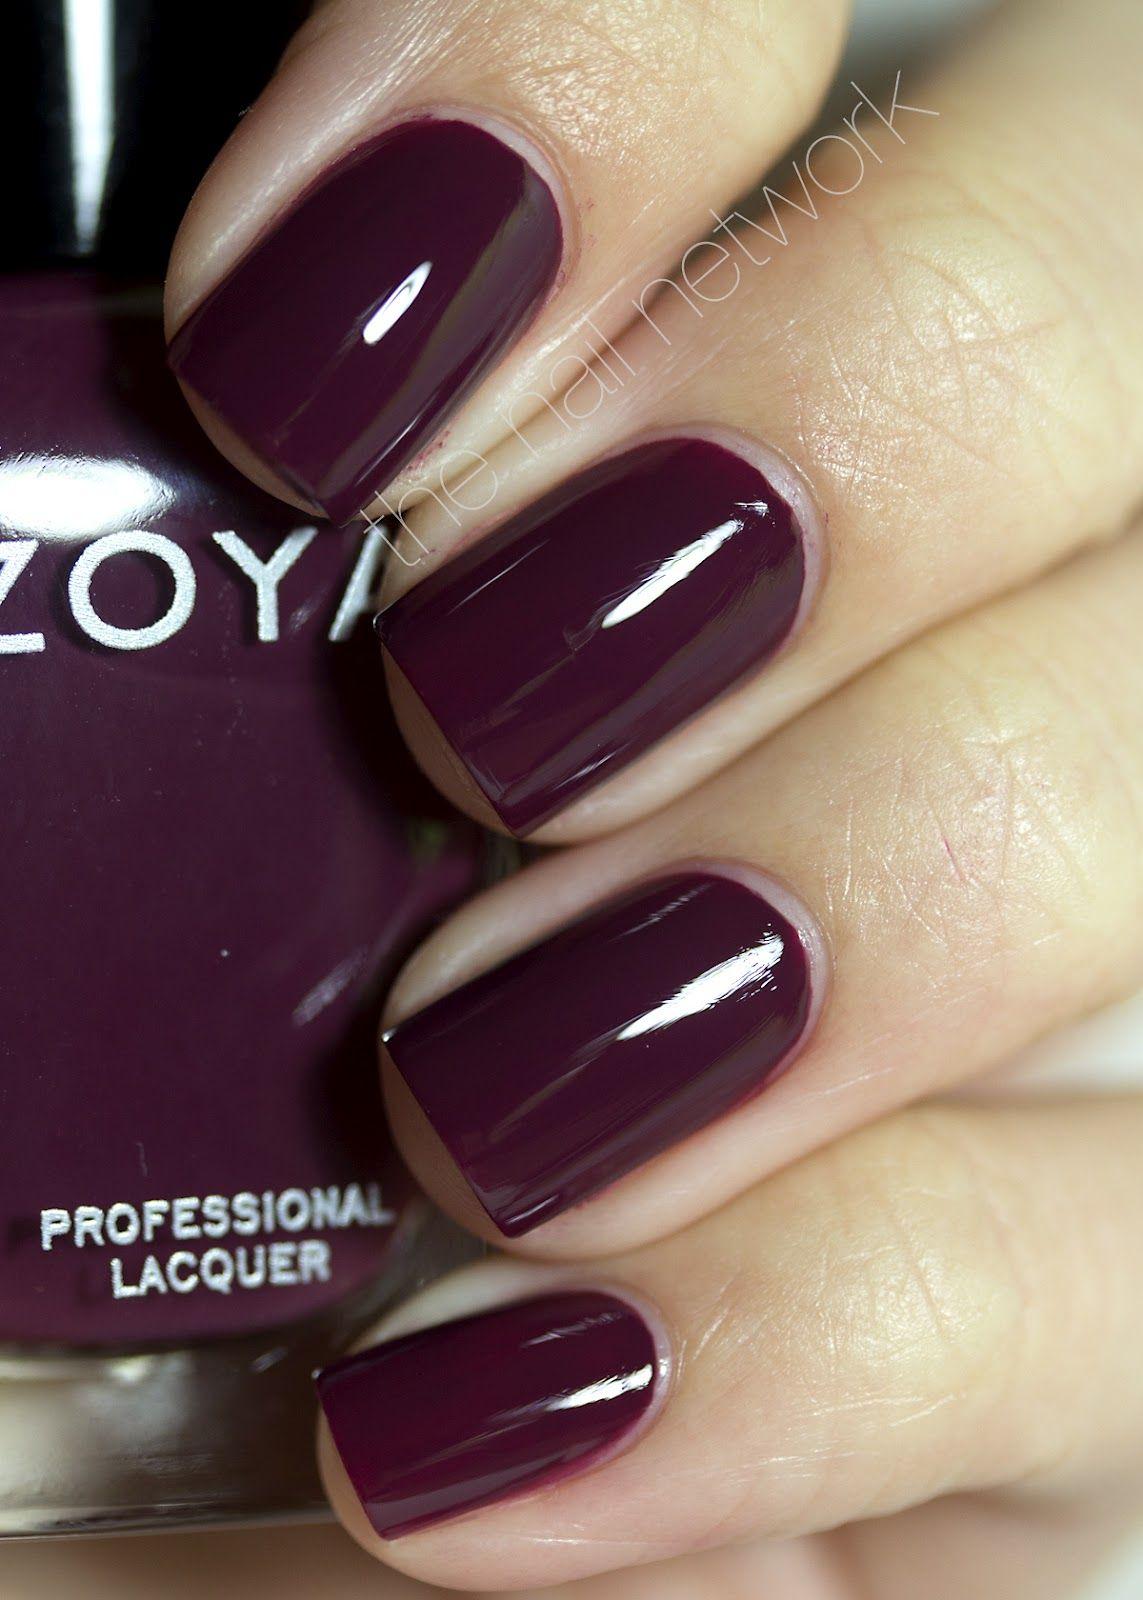 Zoya Designer Collection I love Zoya polish. So many